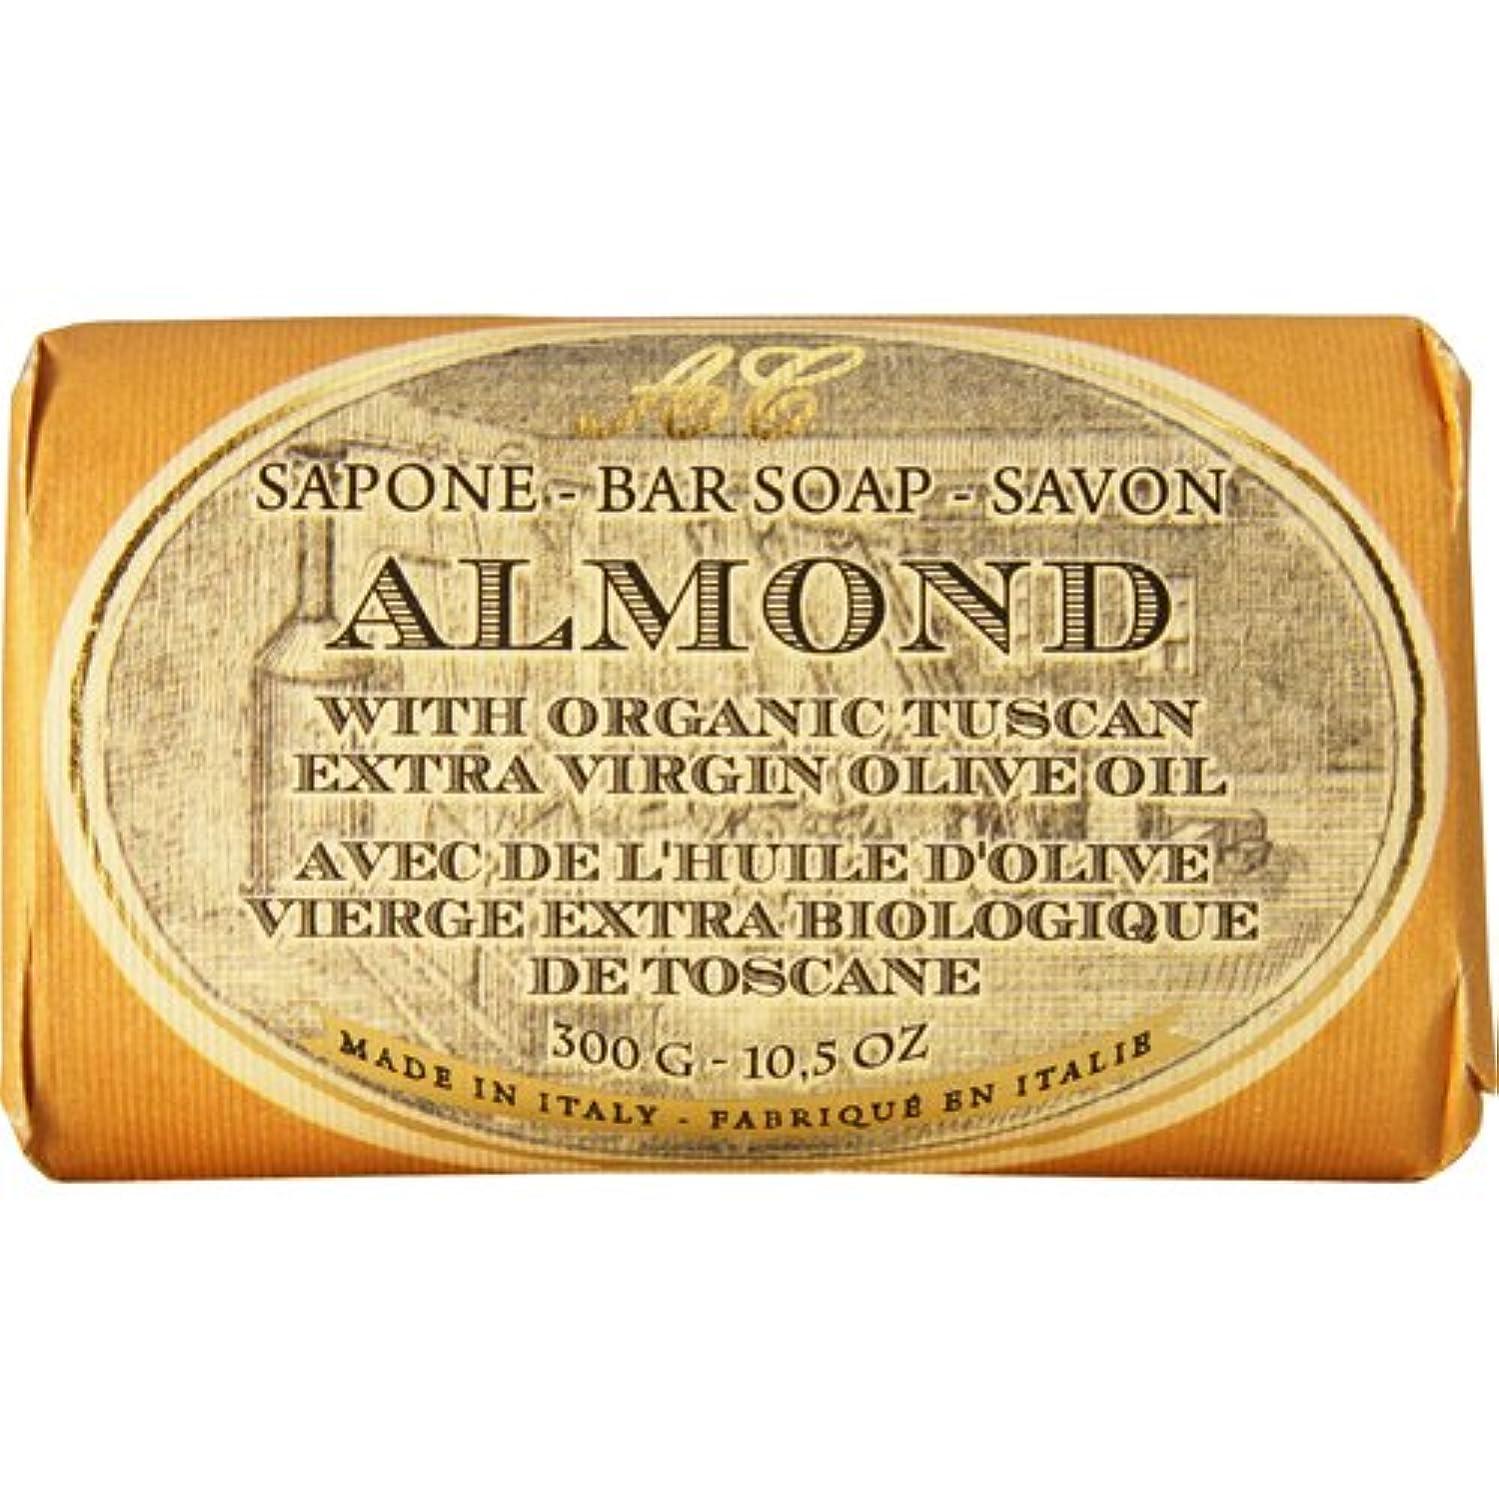 対象慣れる作成者Saponerire Fissi レトロシリーズ Bar Soap バーソープ 300g Almond アーモンドオイル